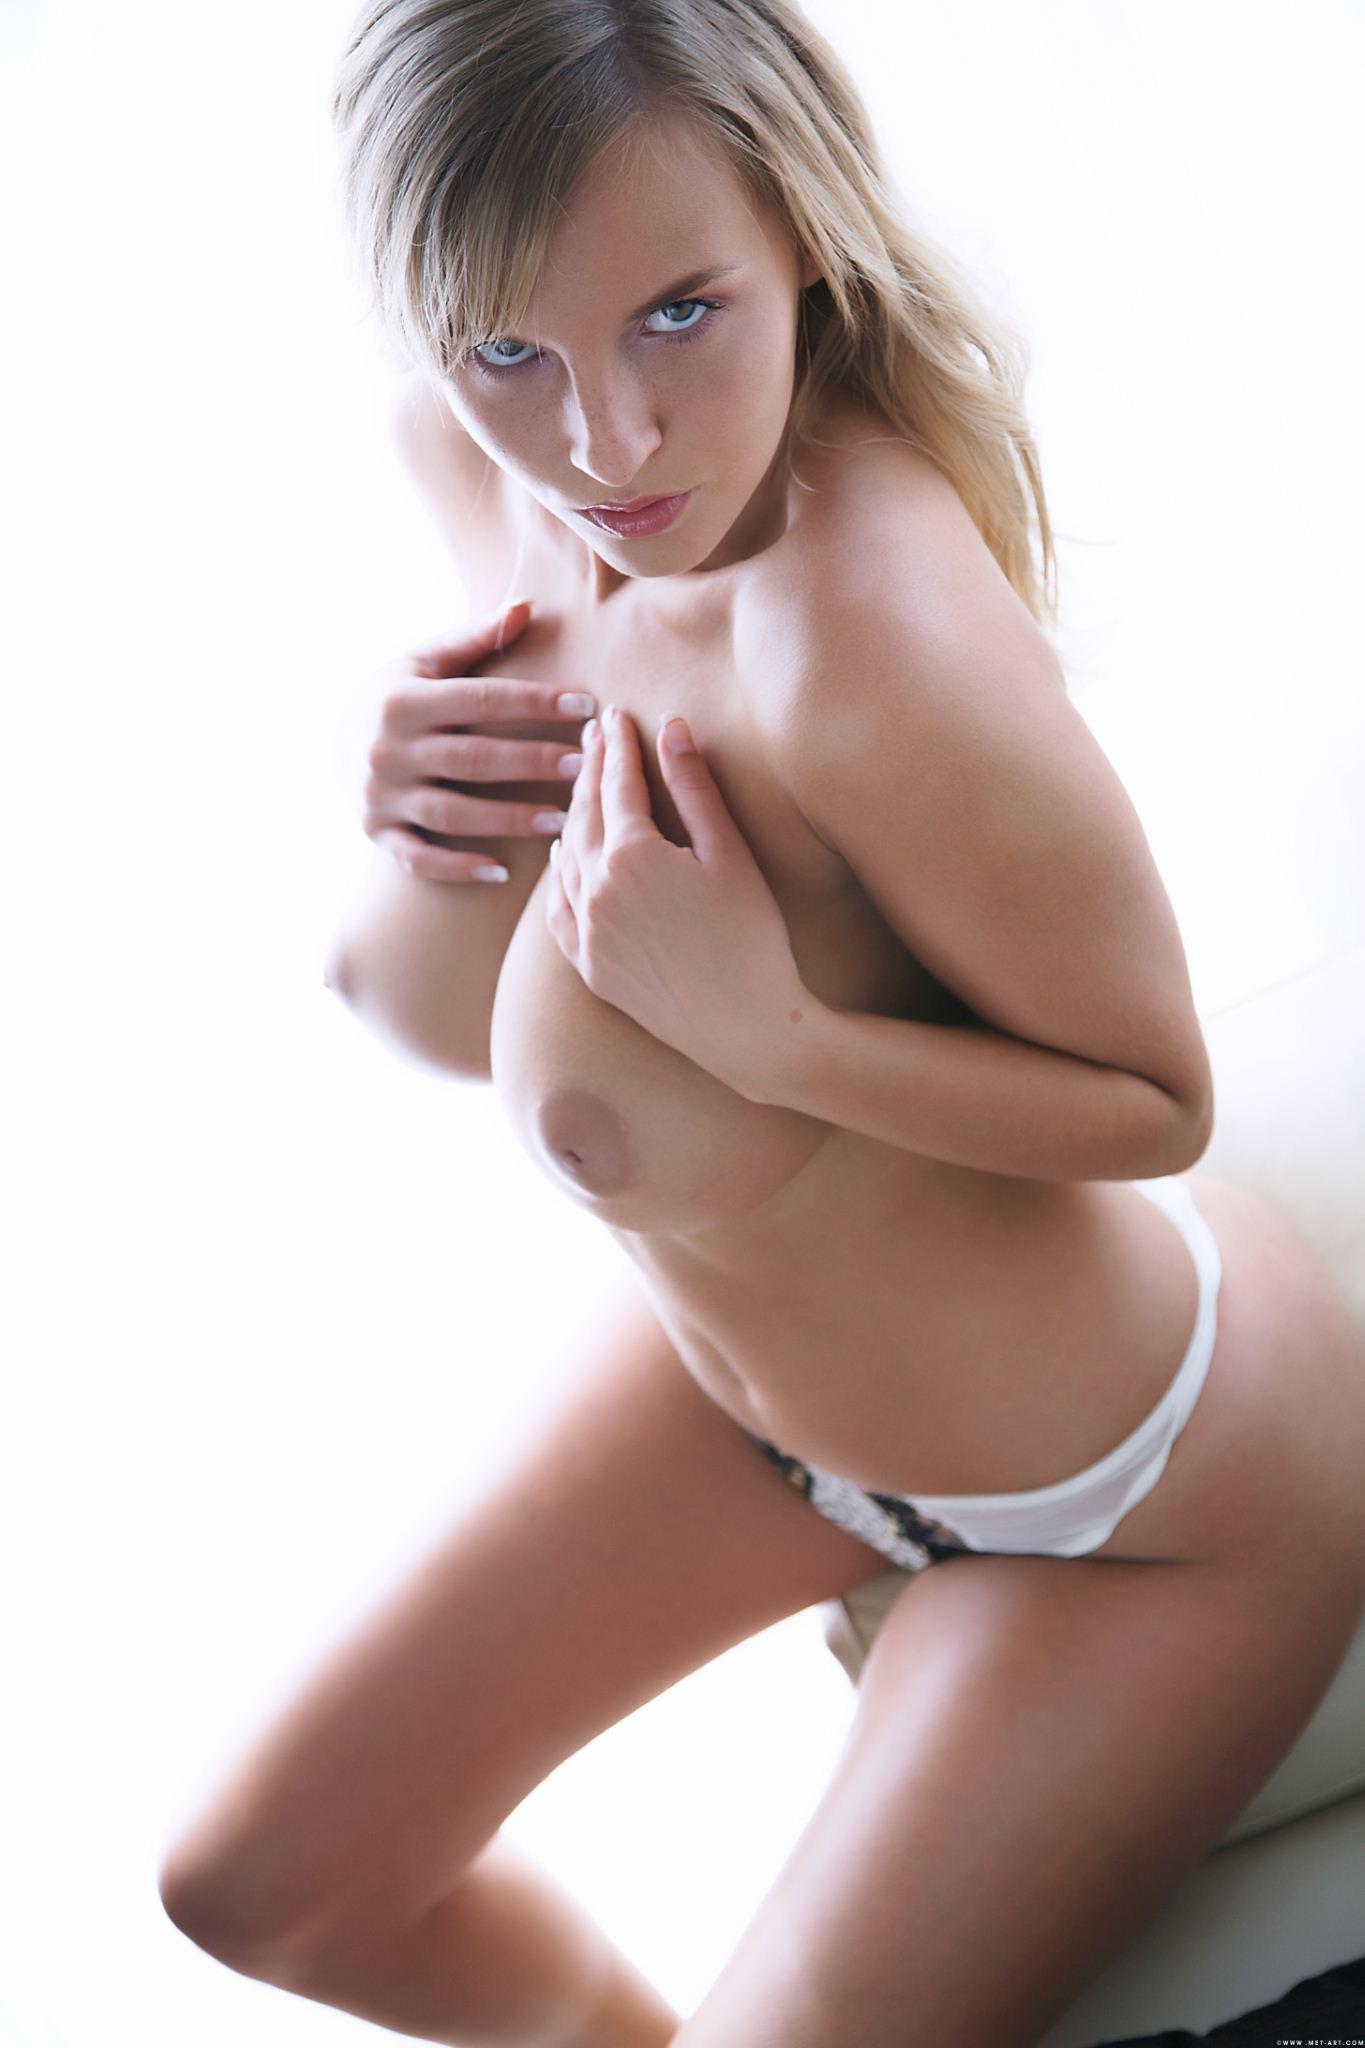 самые красивые девушки эротические фото